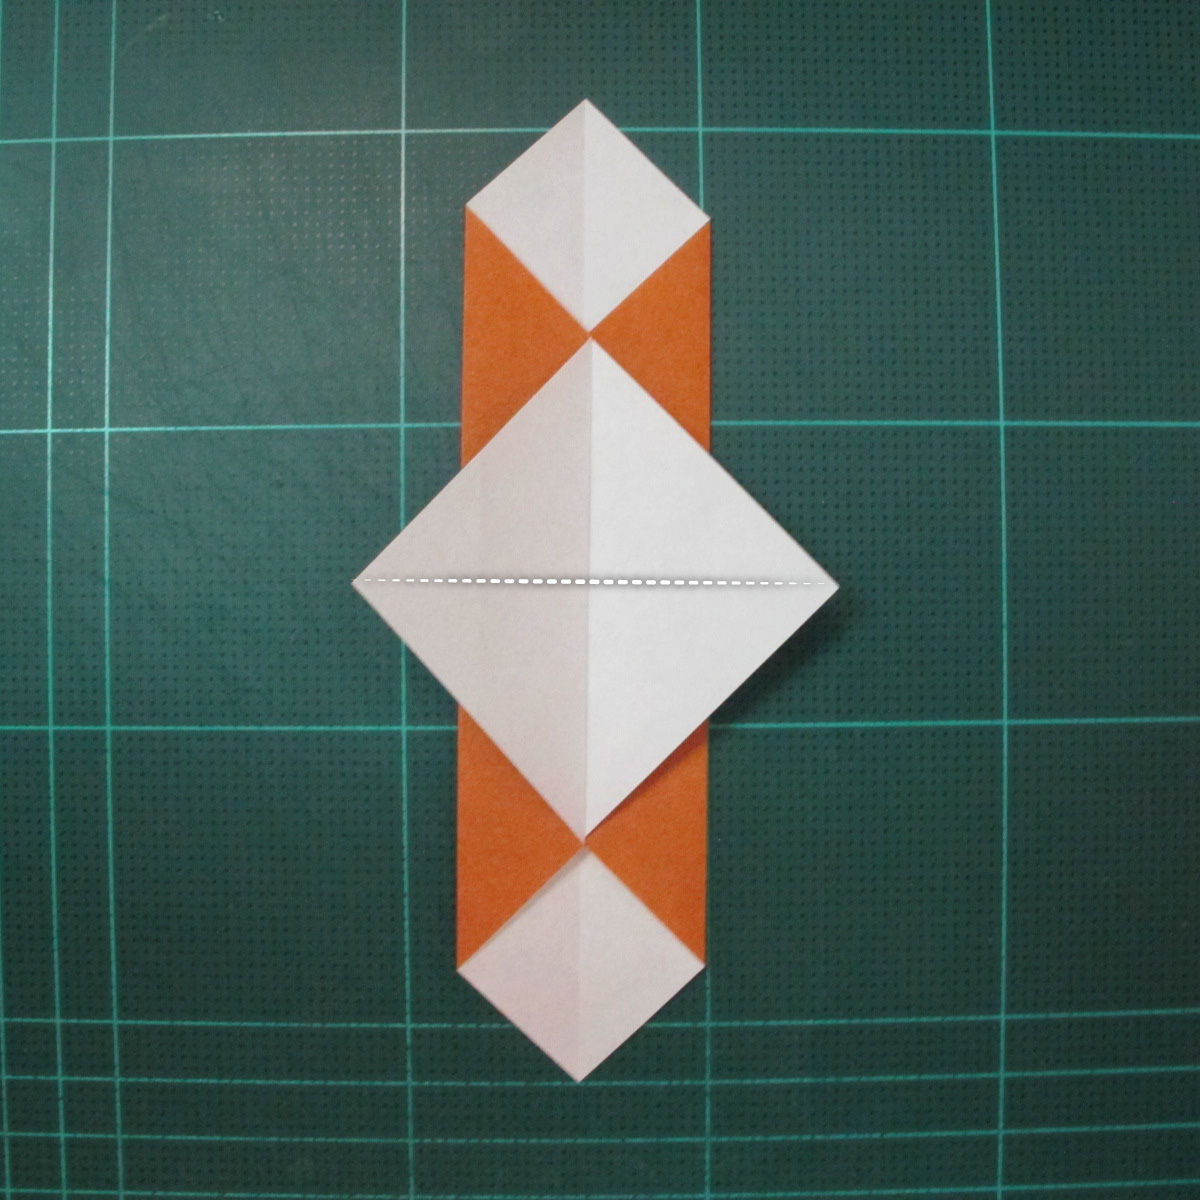 วิธีพับกระดาษเป็นที่คั่นหนังสือรูปหมาบูลด็อก (Origami Bulldog Bookmark) 004